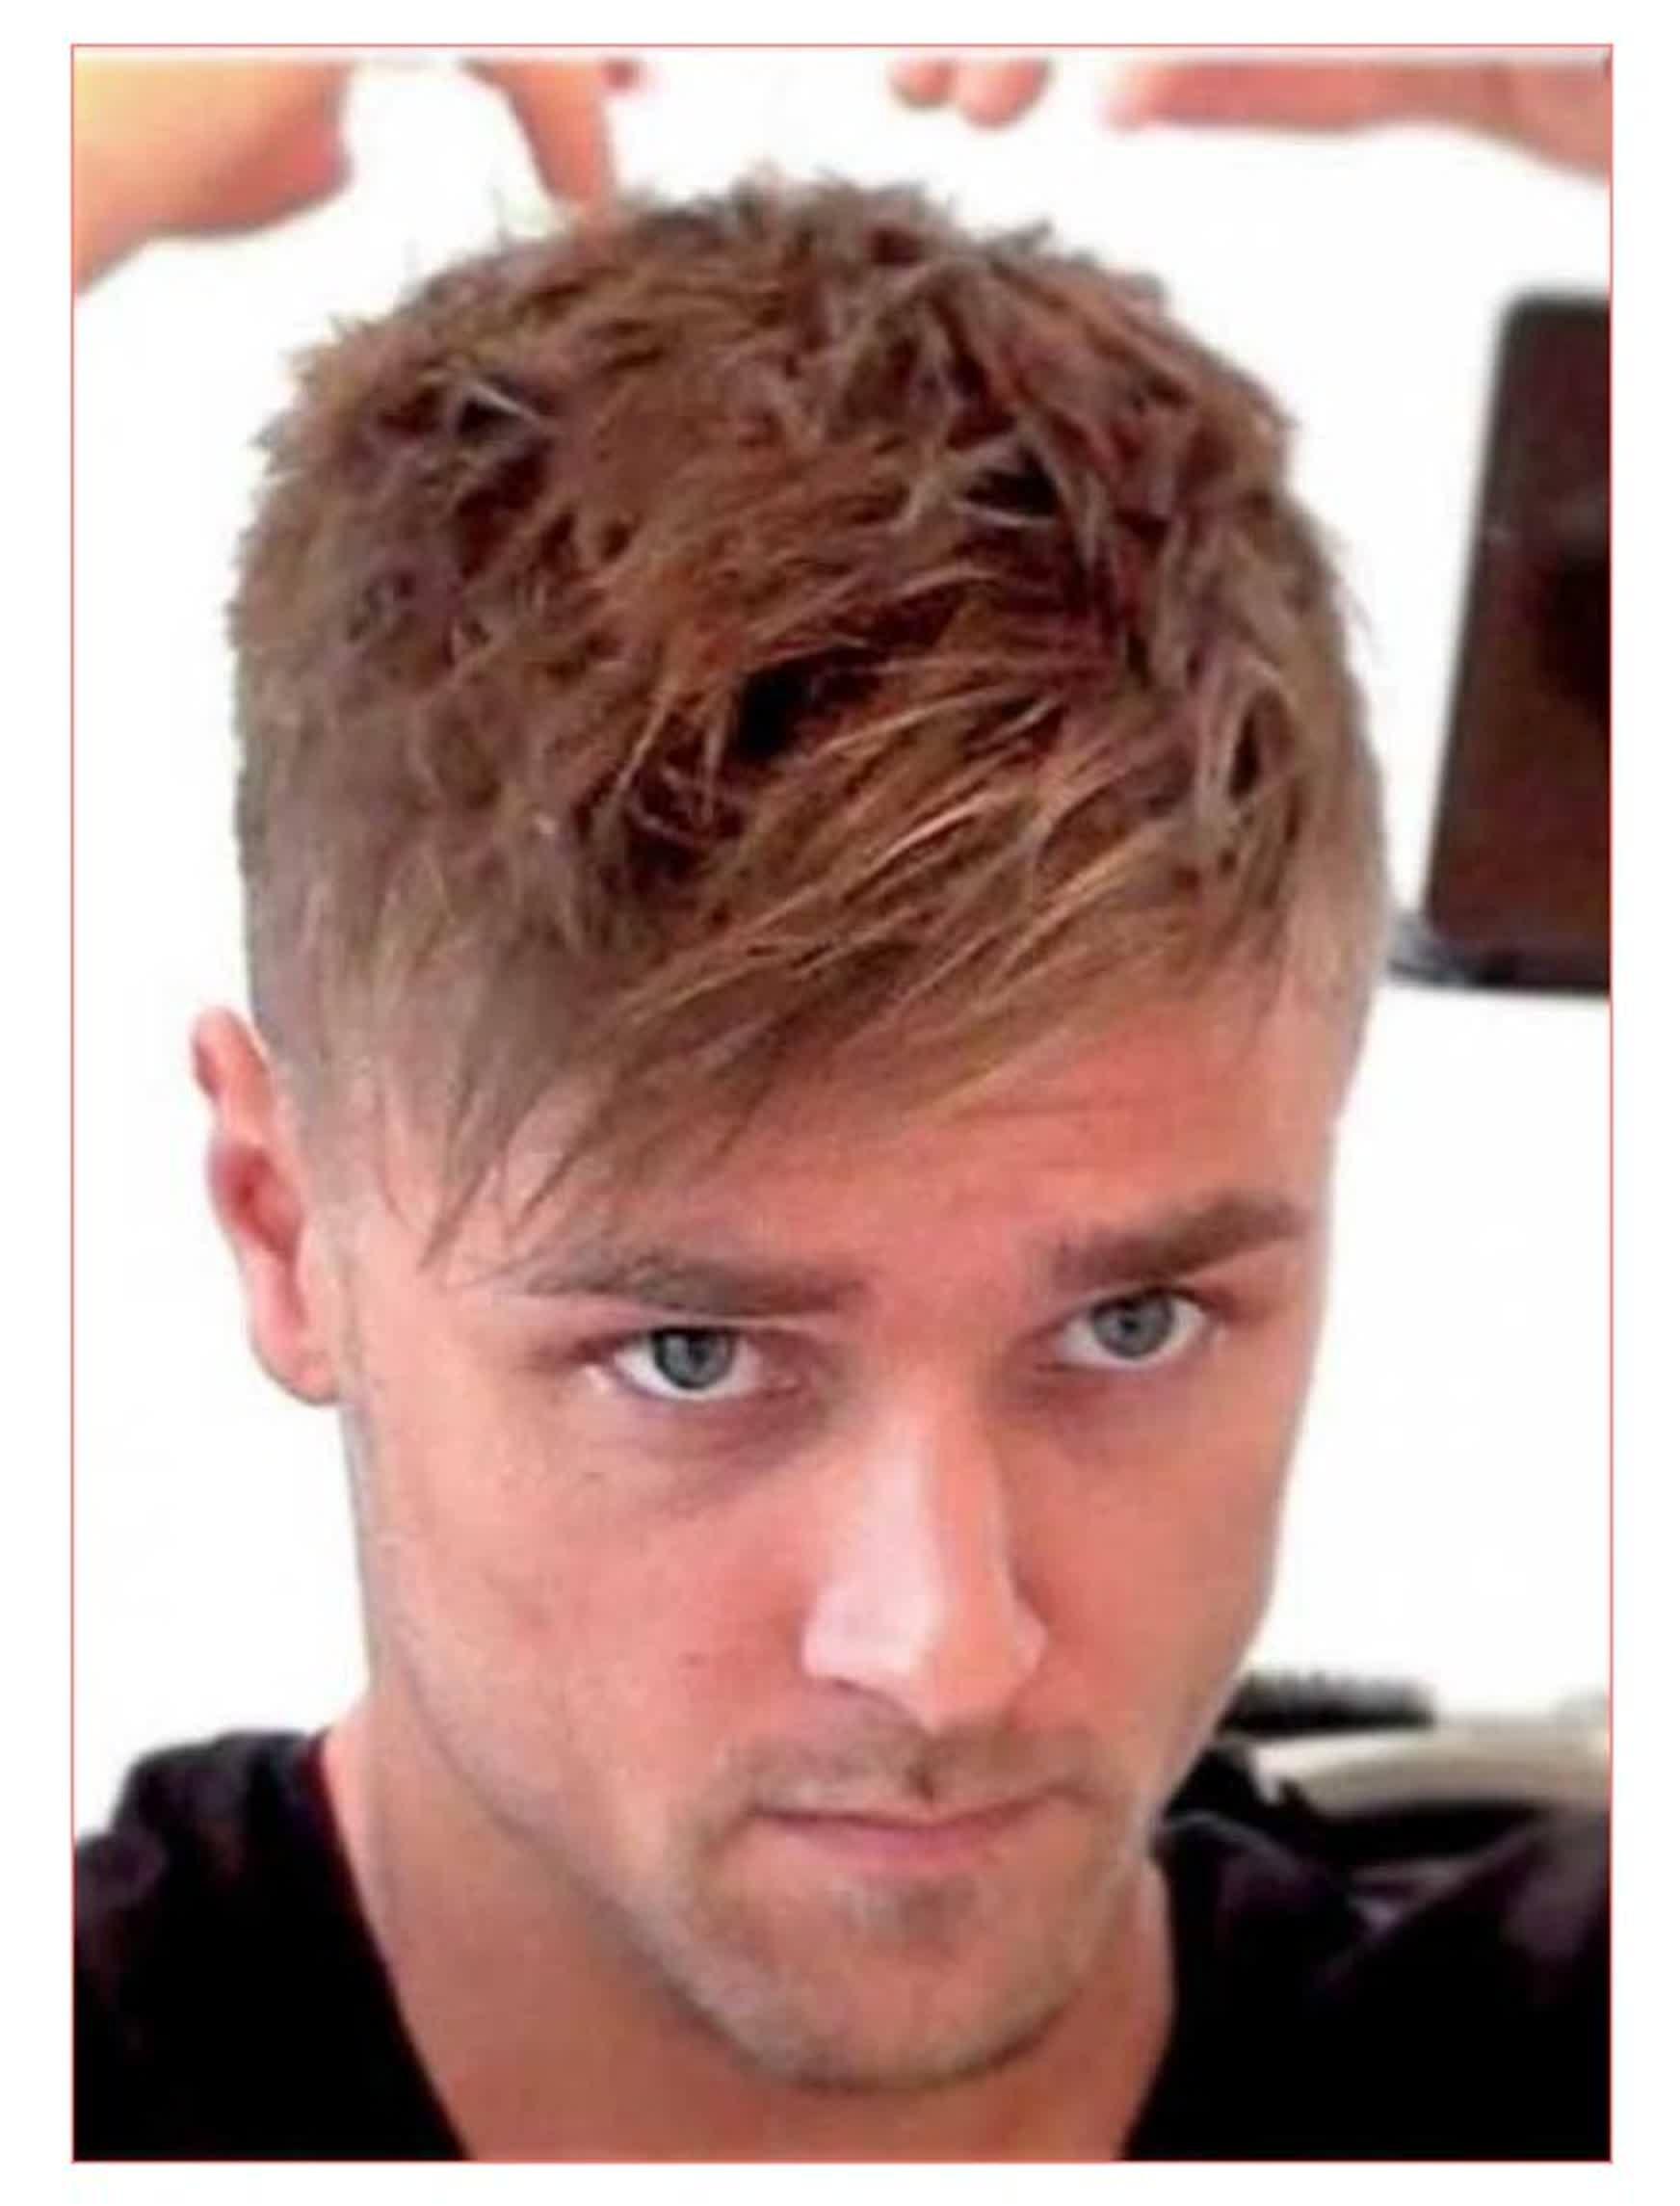 Frische Frisuren für große Jungs - Frisur  Mens hairstyles short